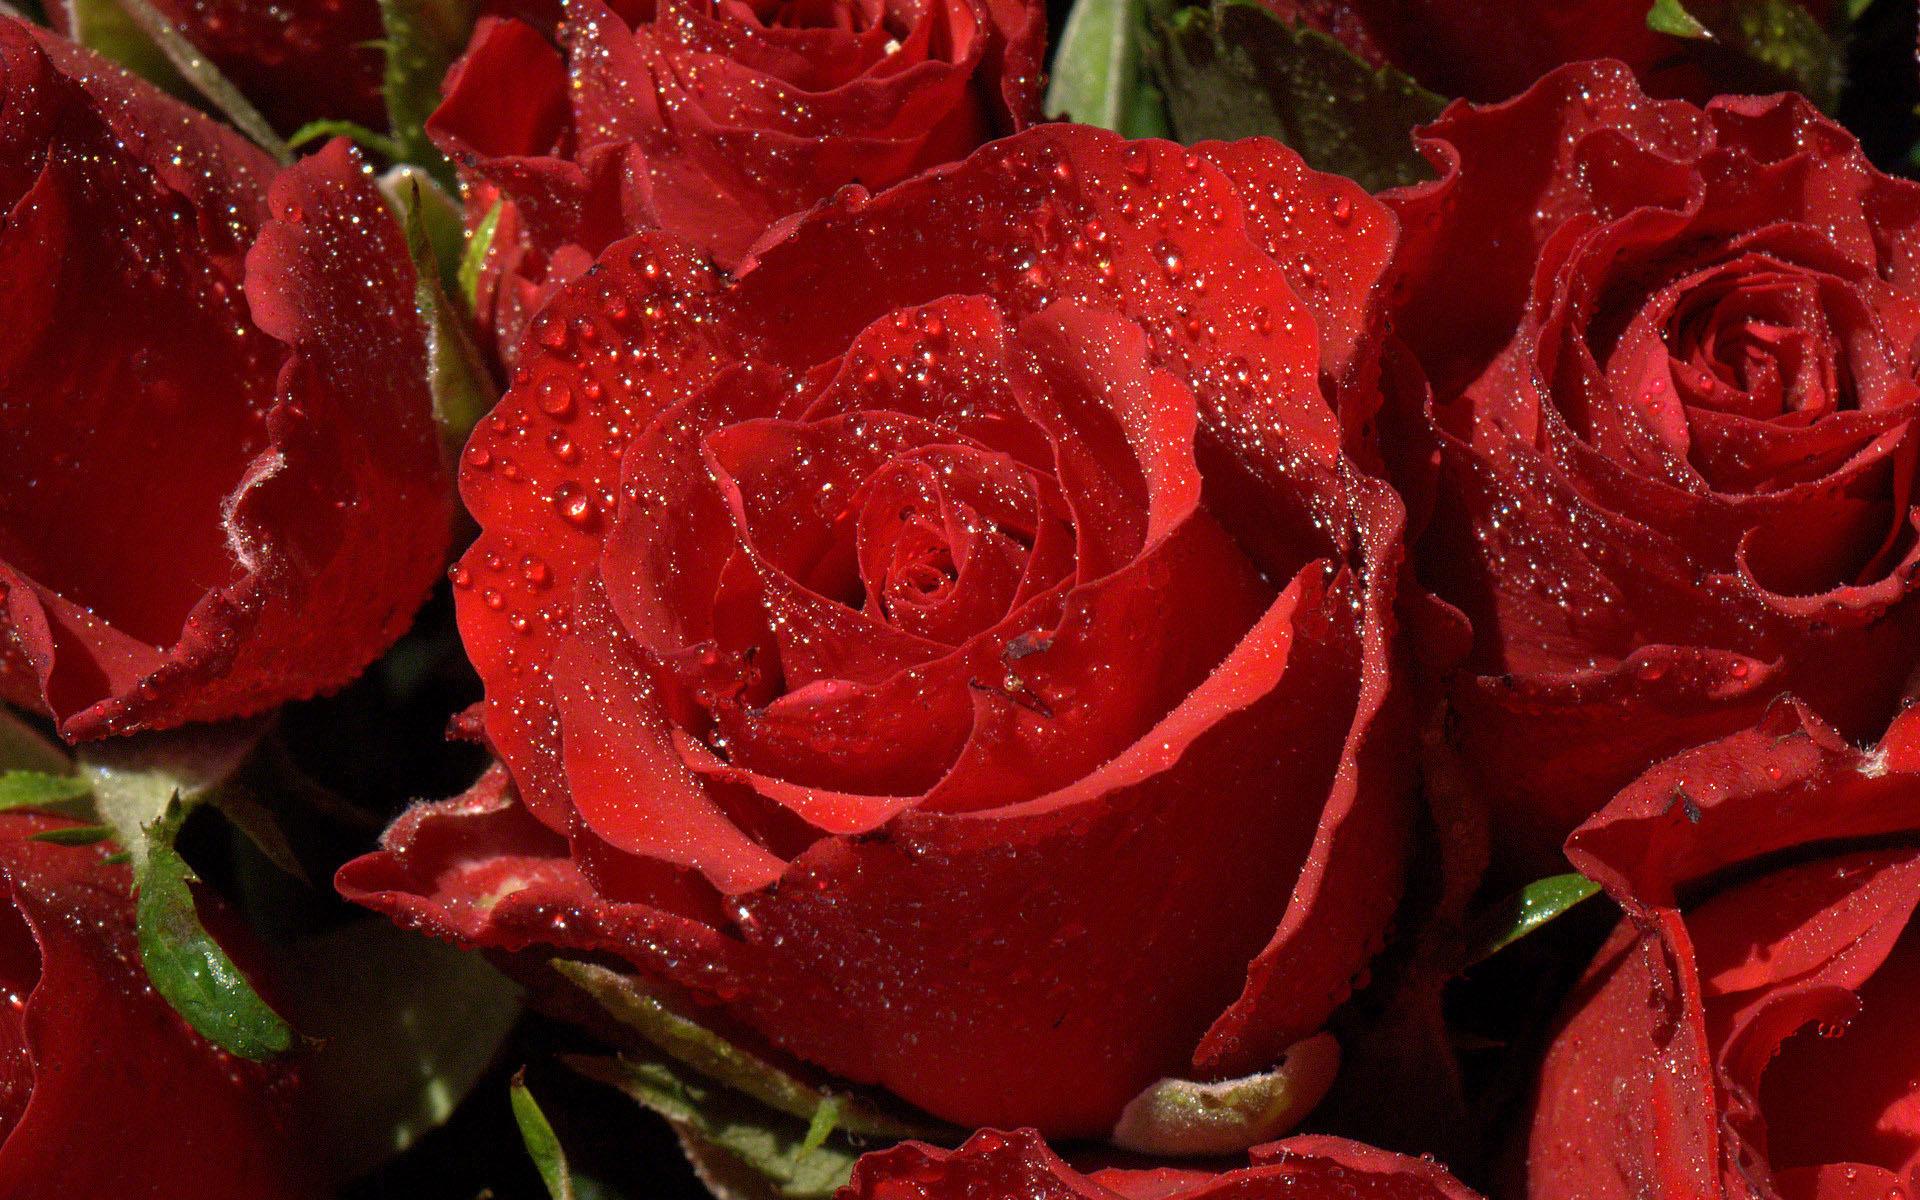 Hình ảnh hoa hồng màu đỏ đẹp